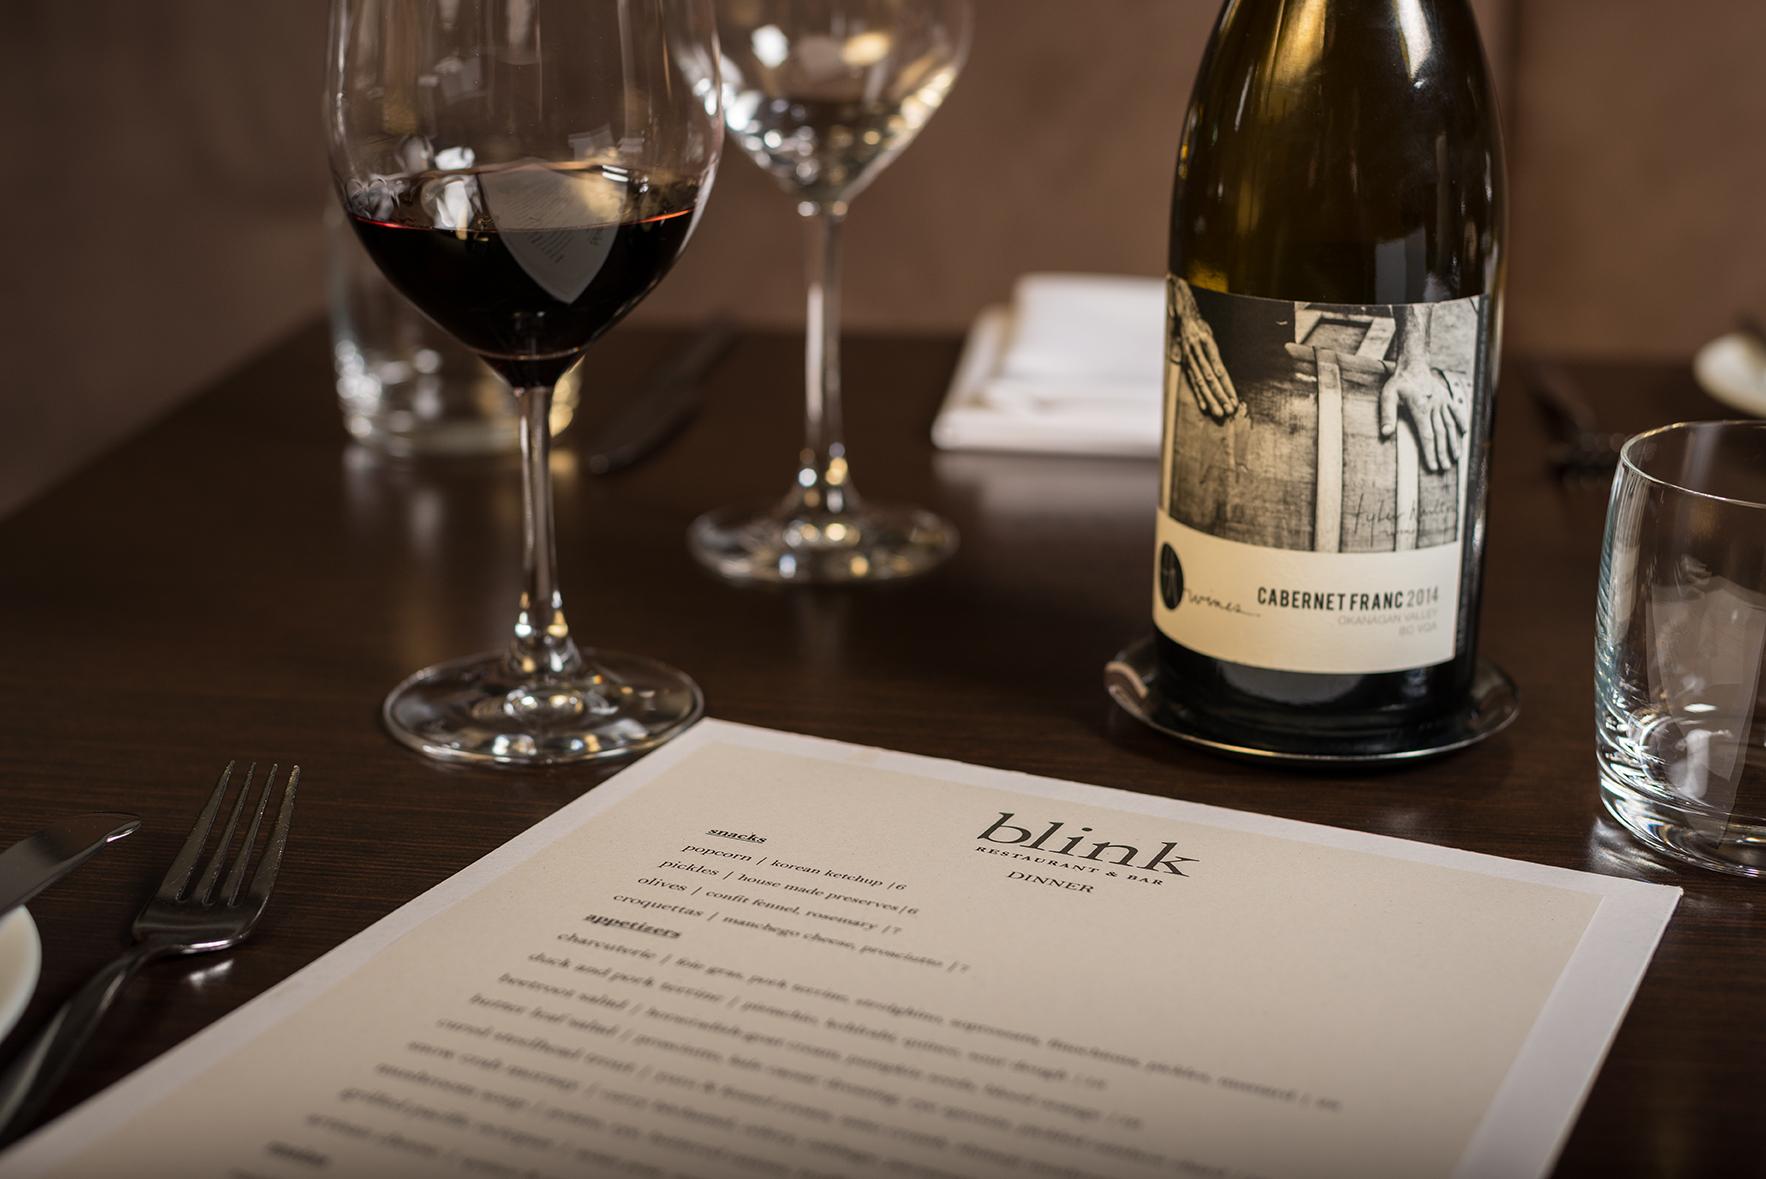 Blink_menu & wine